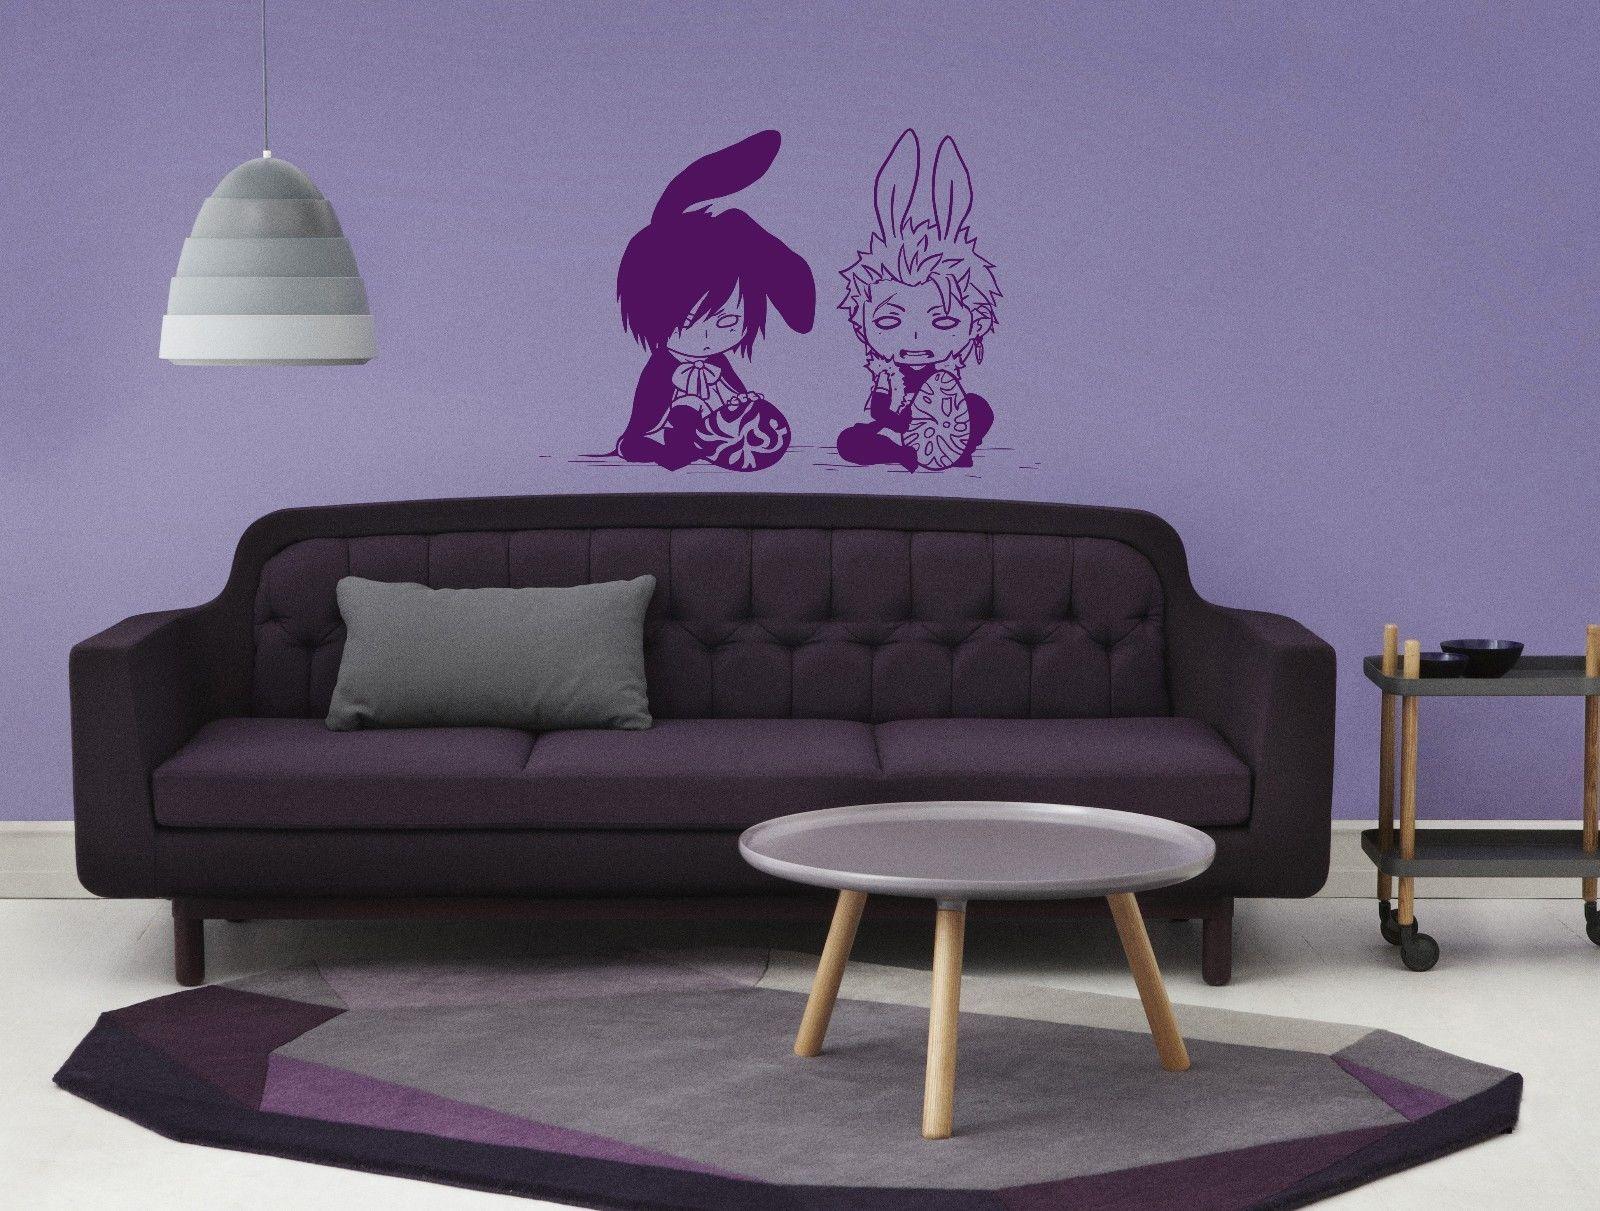 anime decal, anime vinyl, boys bunnies anime stylish wall art